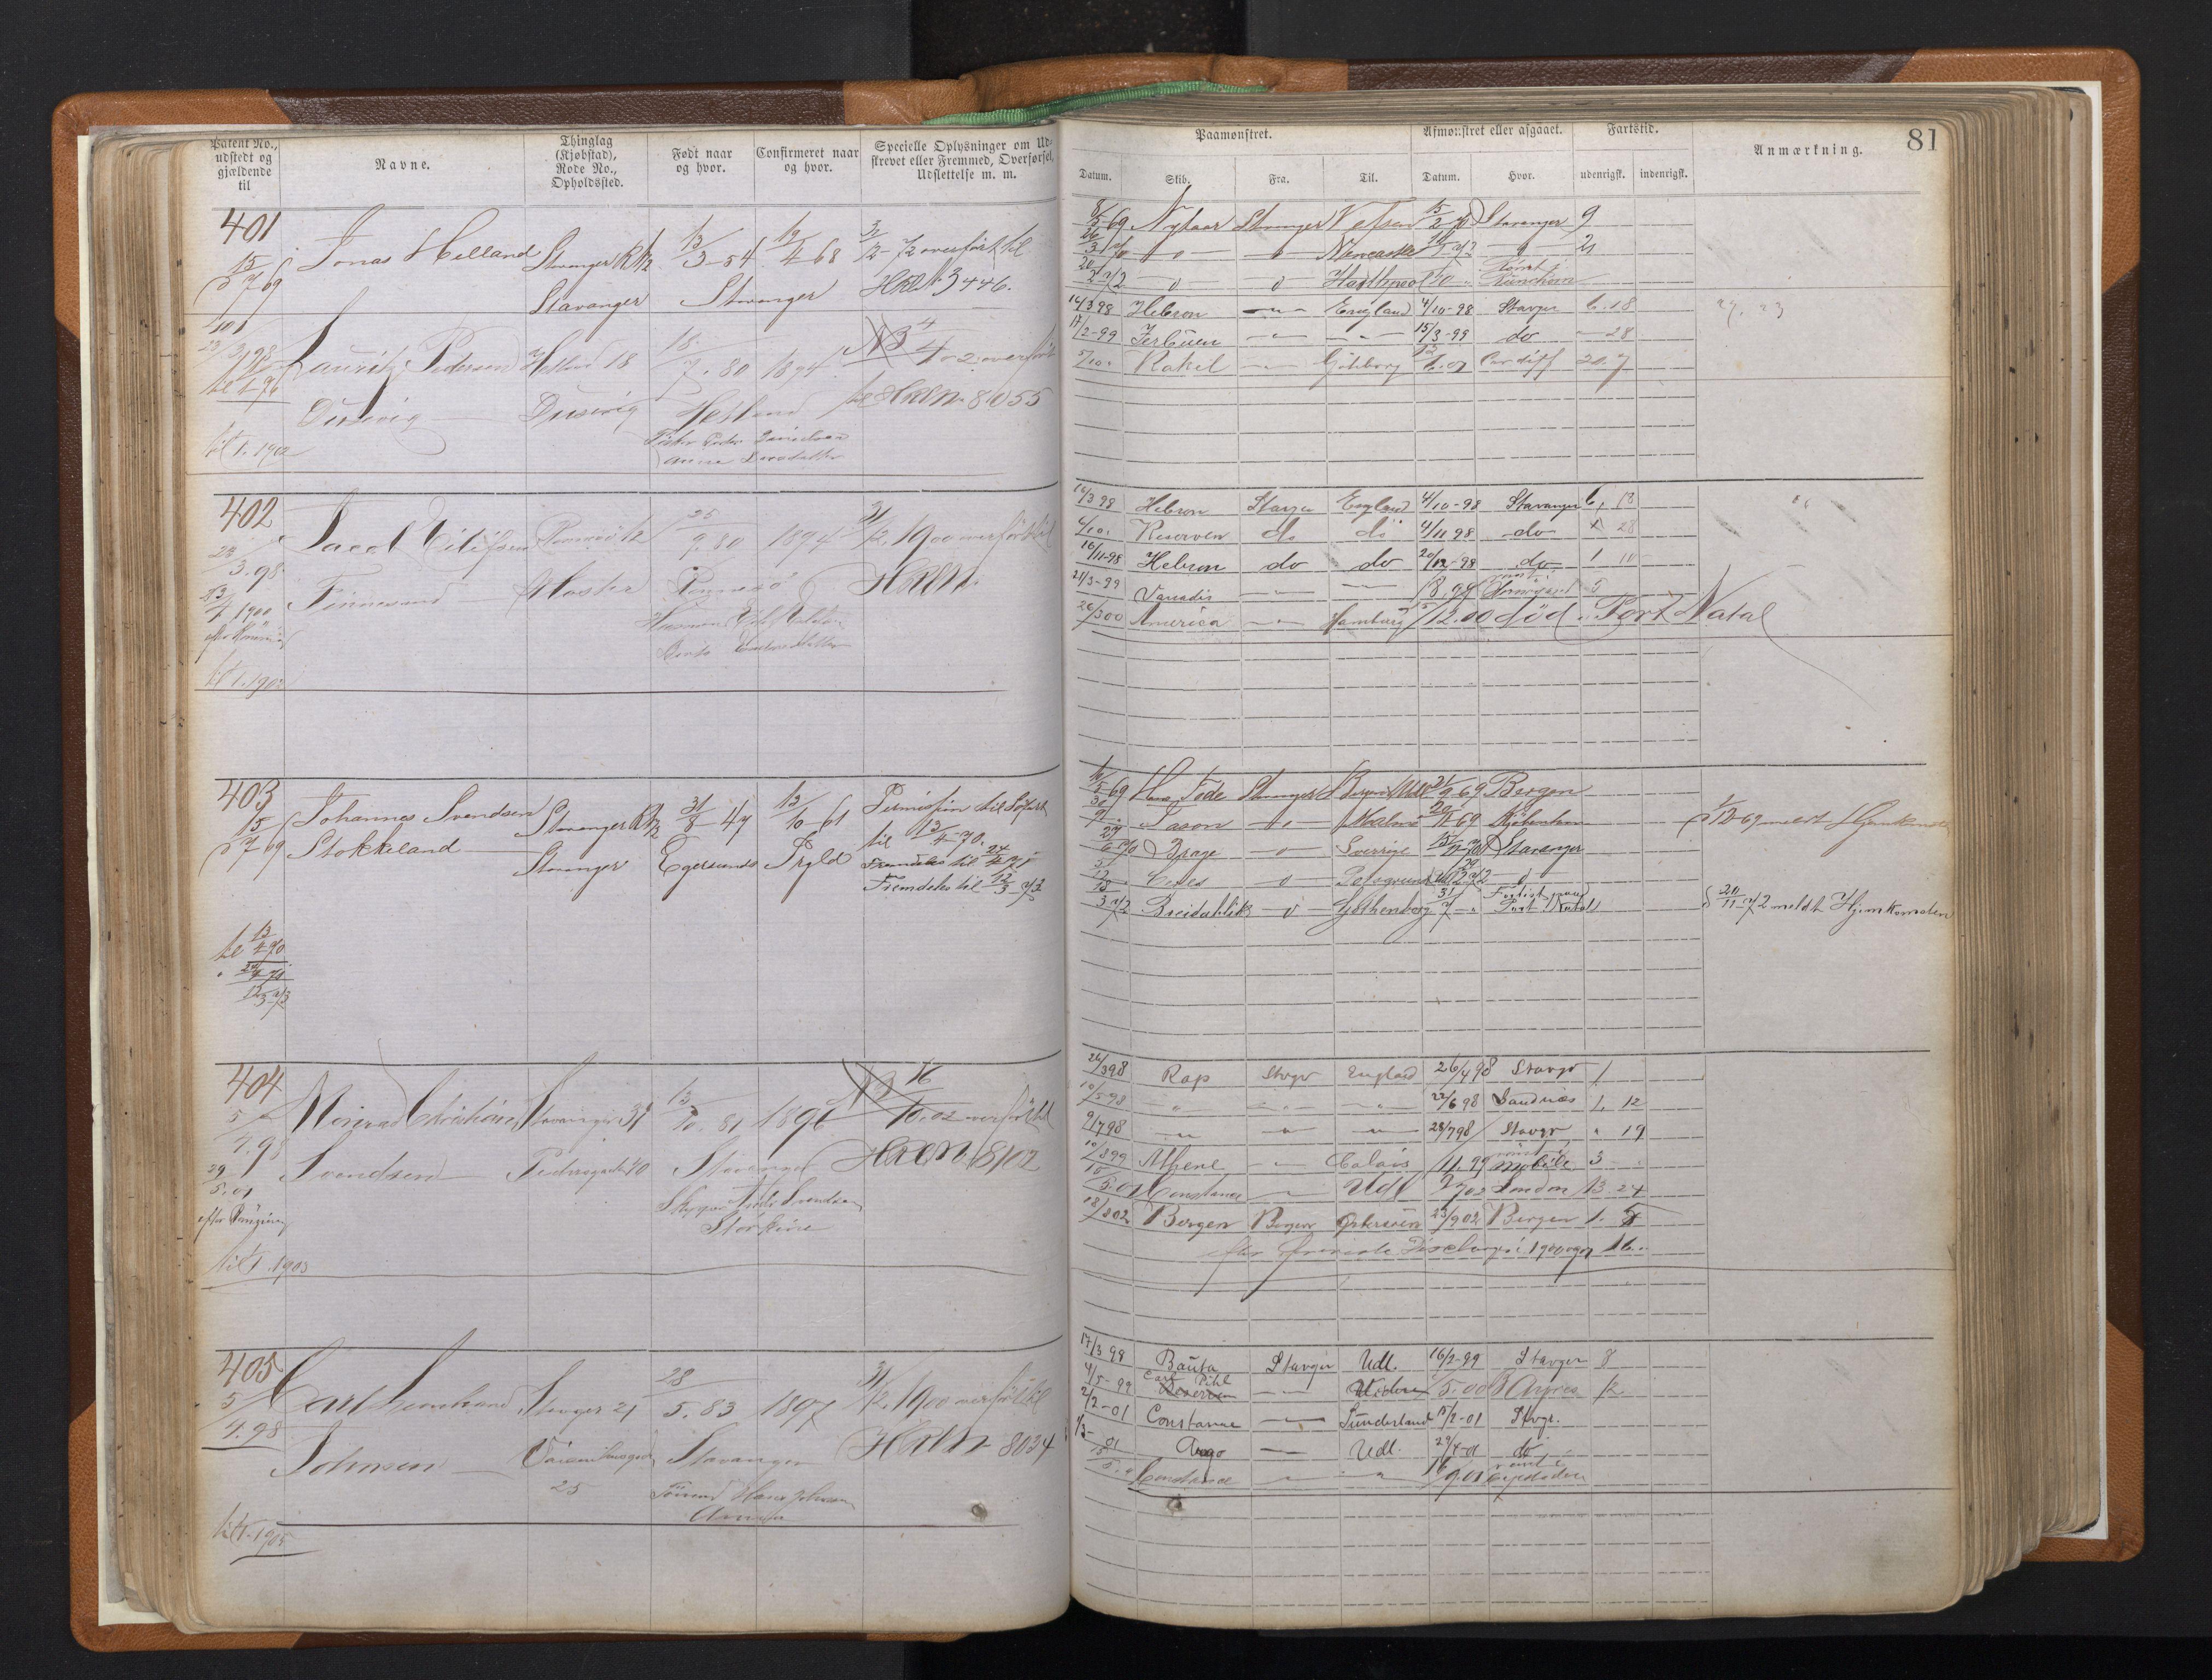 SAST, Stavanger sjømannskontor, F/Ff/L0008: Annotasjonsrulle, patentnr. 1-1805 (dublett), 1869-1900, s. 85